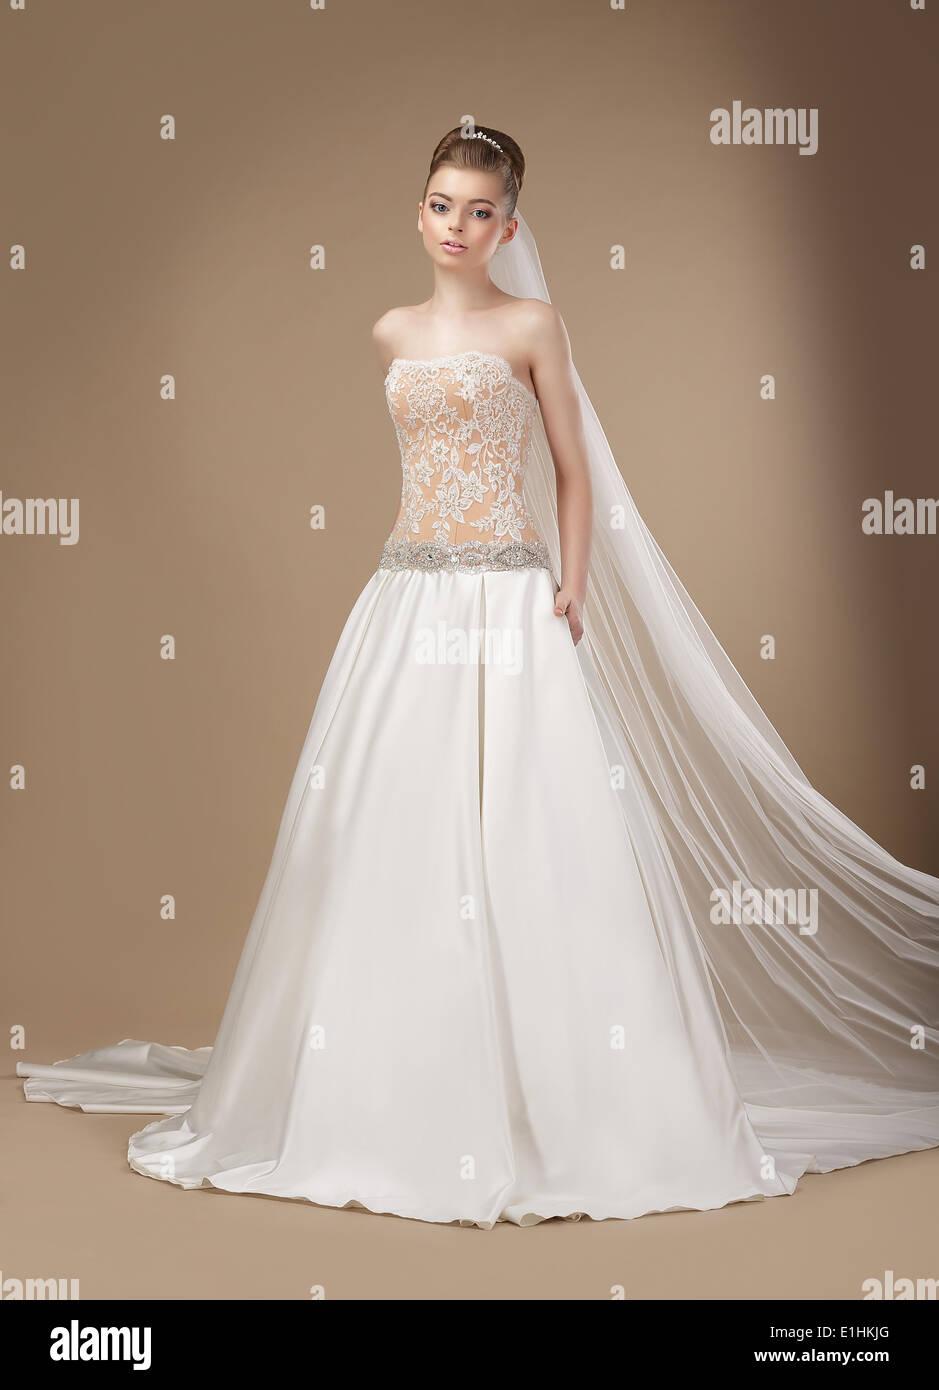 Luxury. Elegant Classy Brunette in Ivory Light Dress - Stock Image